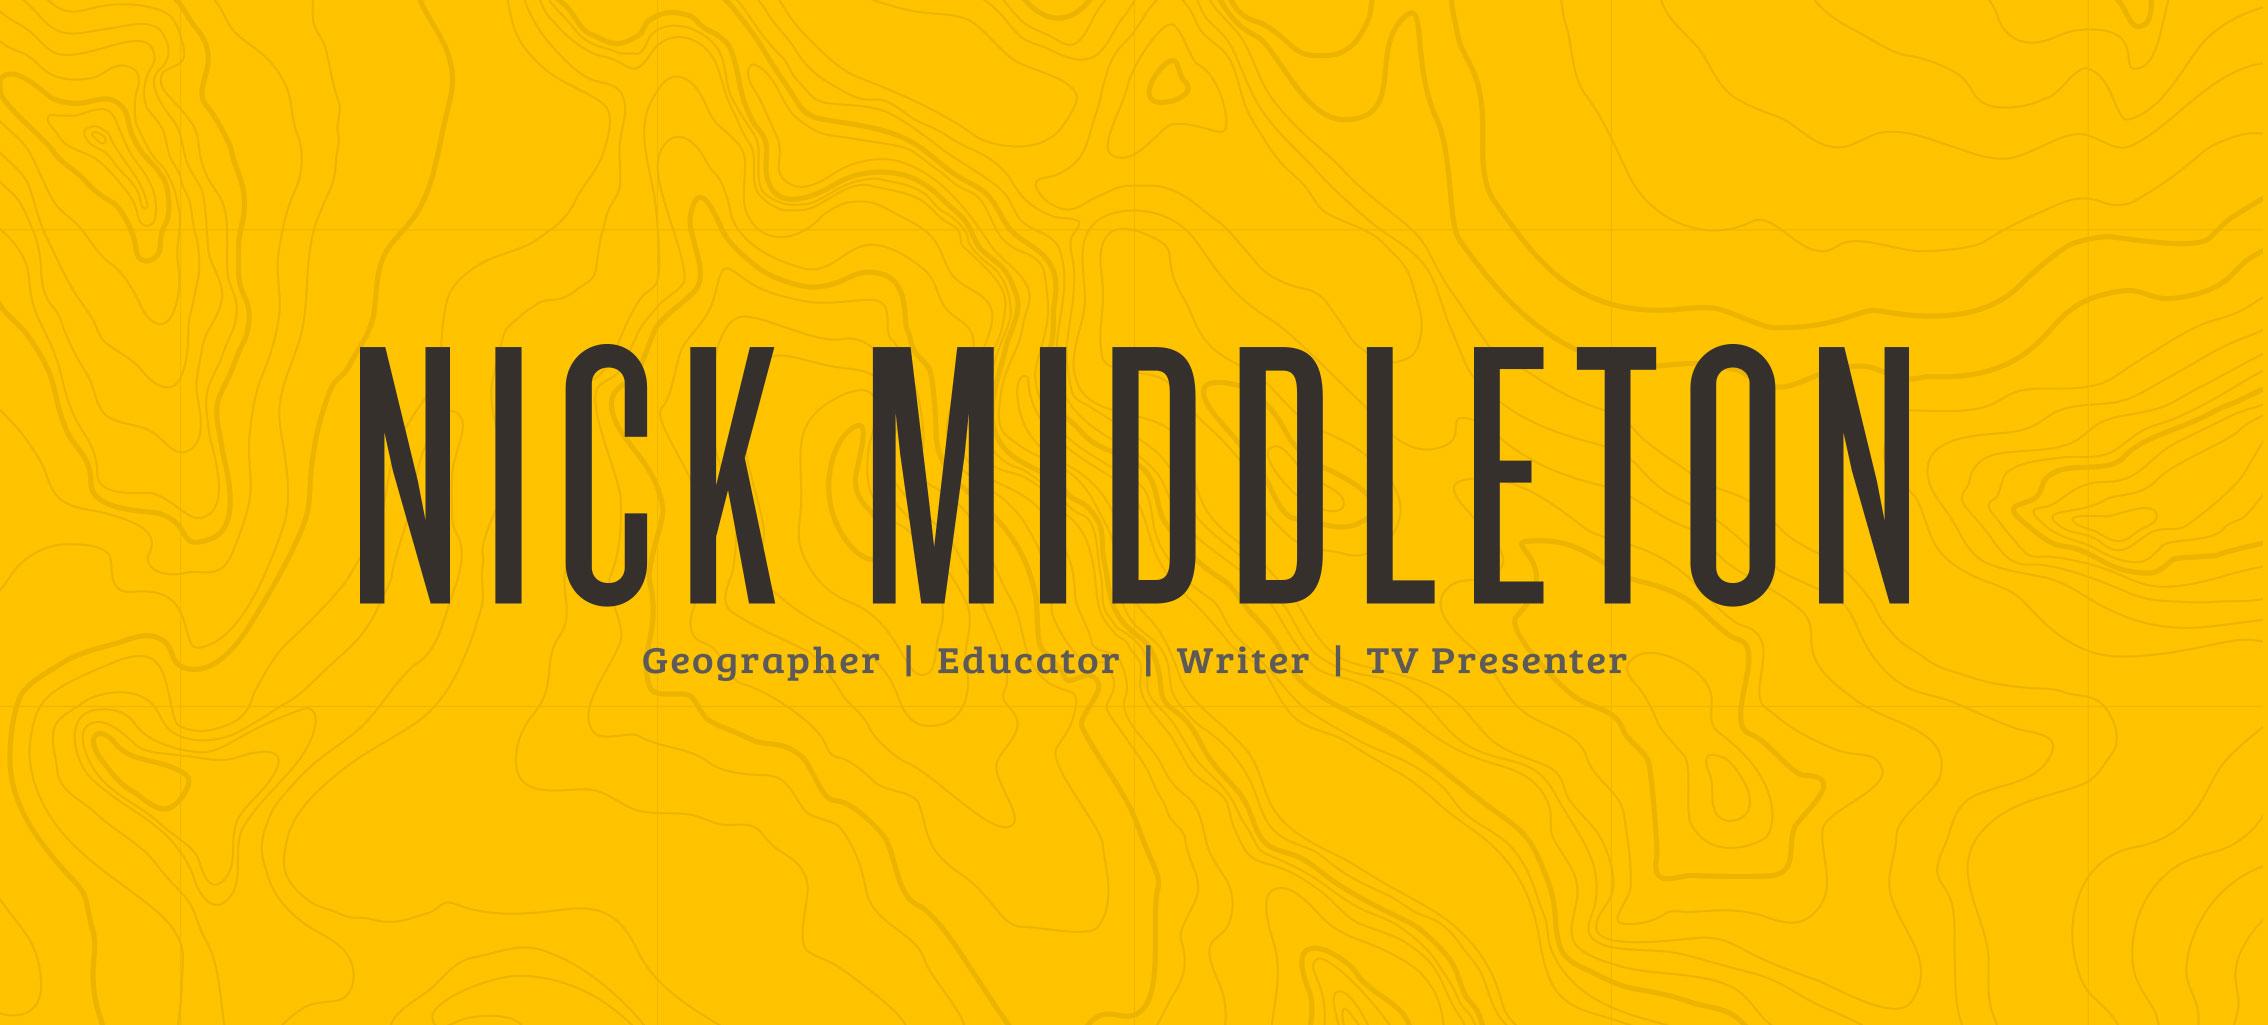 nick_middleton